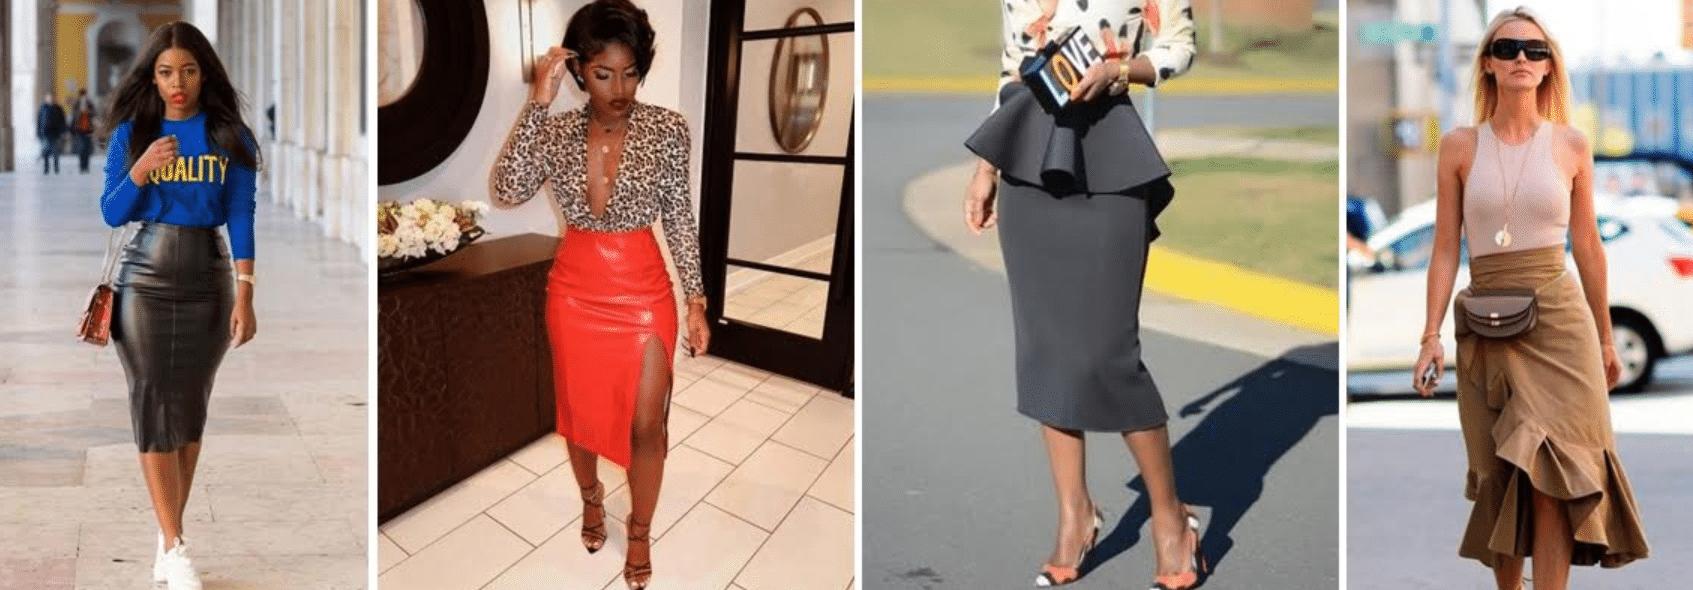 imagens de mulheres usando modelos de saia lápis com designs diferenciados